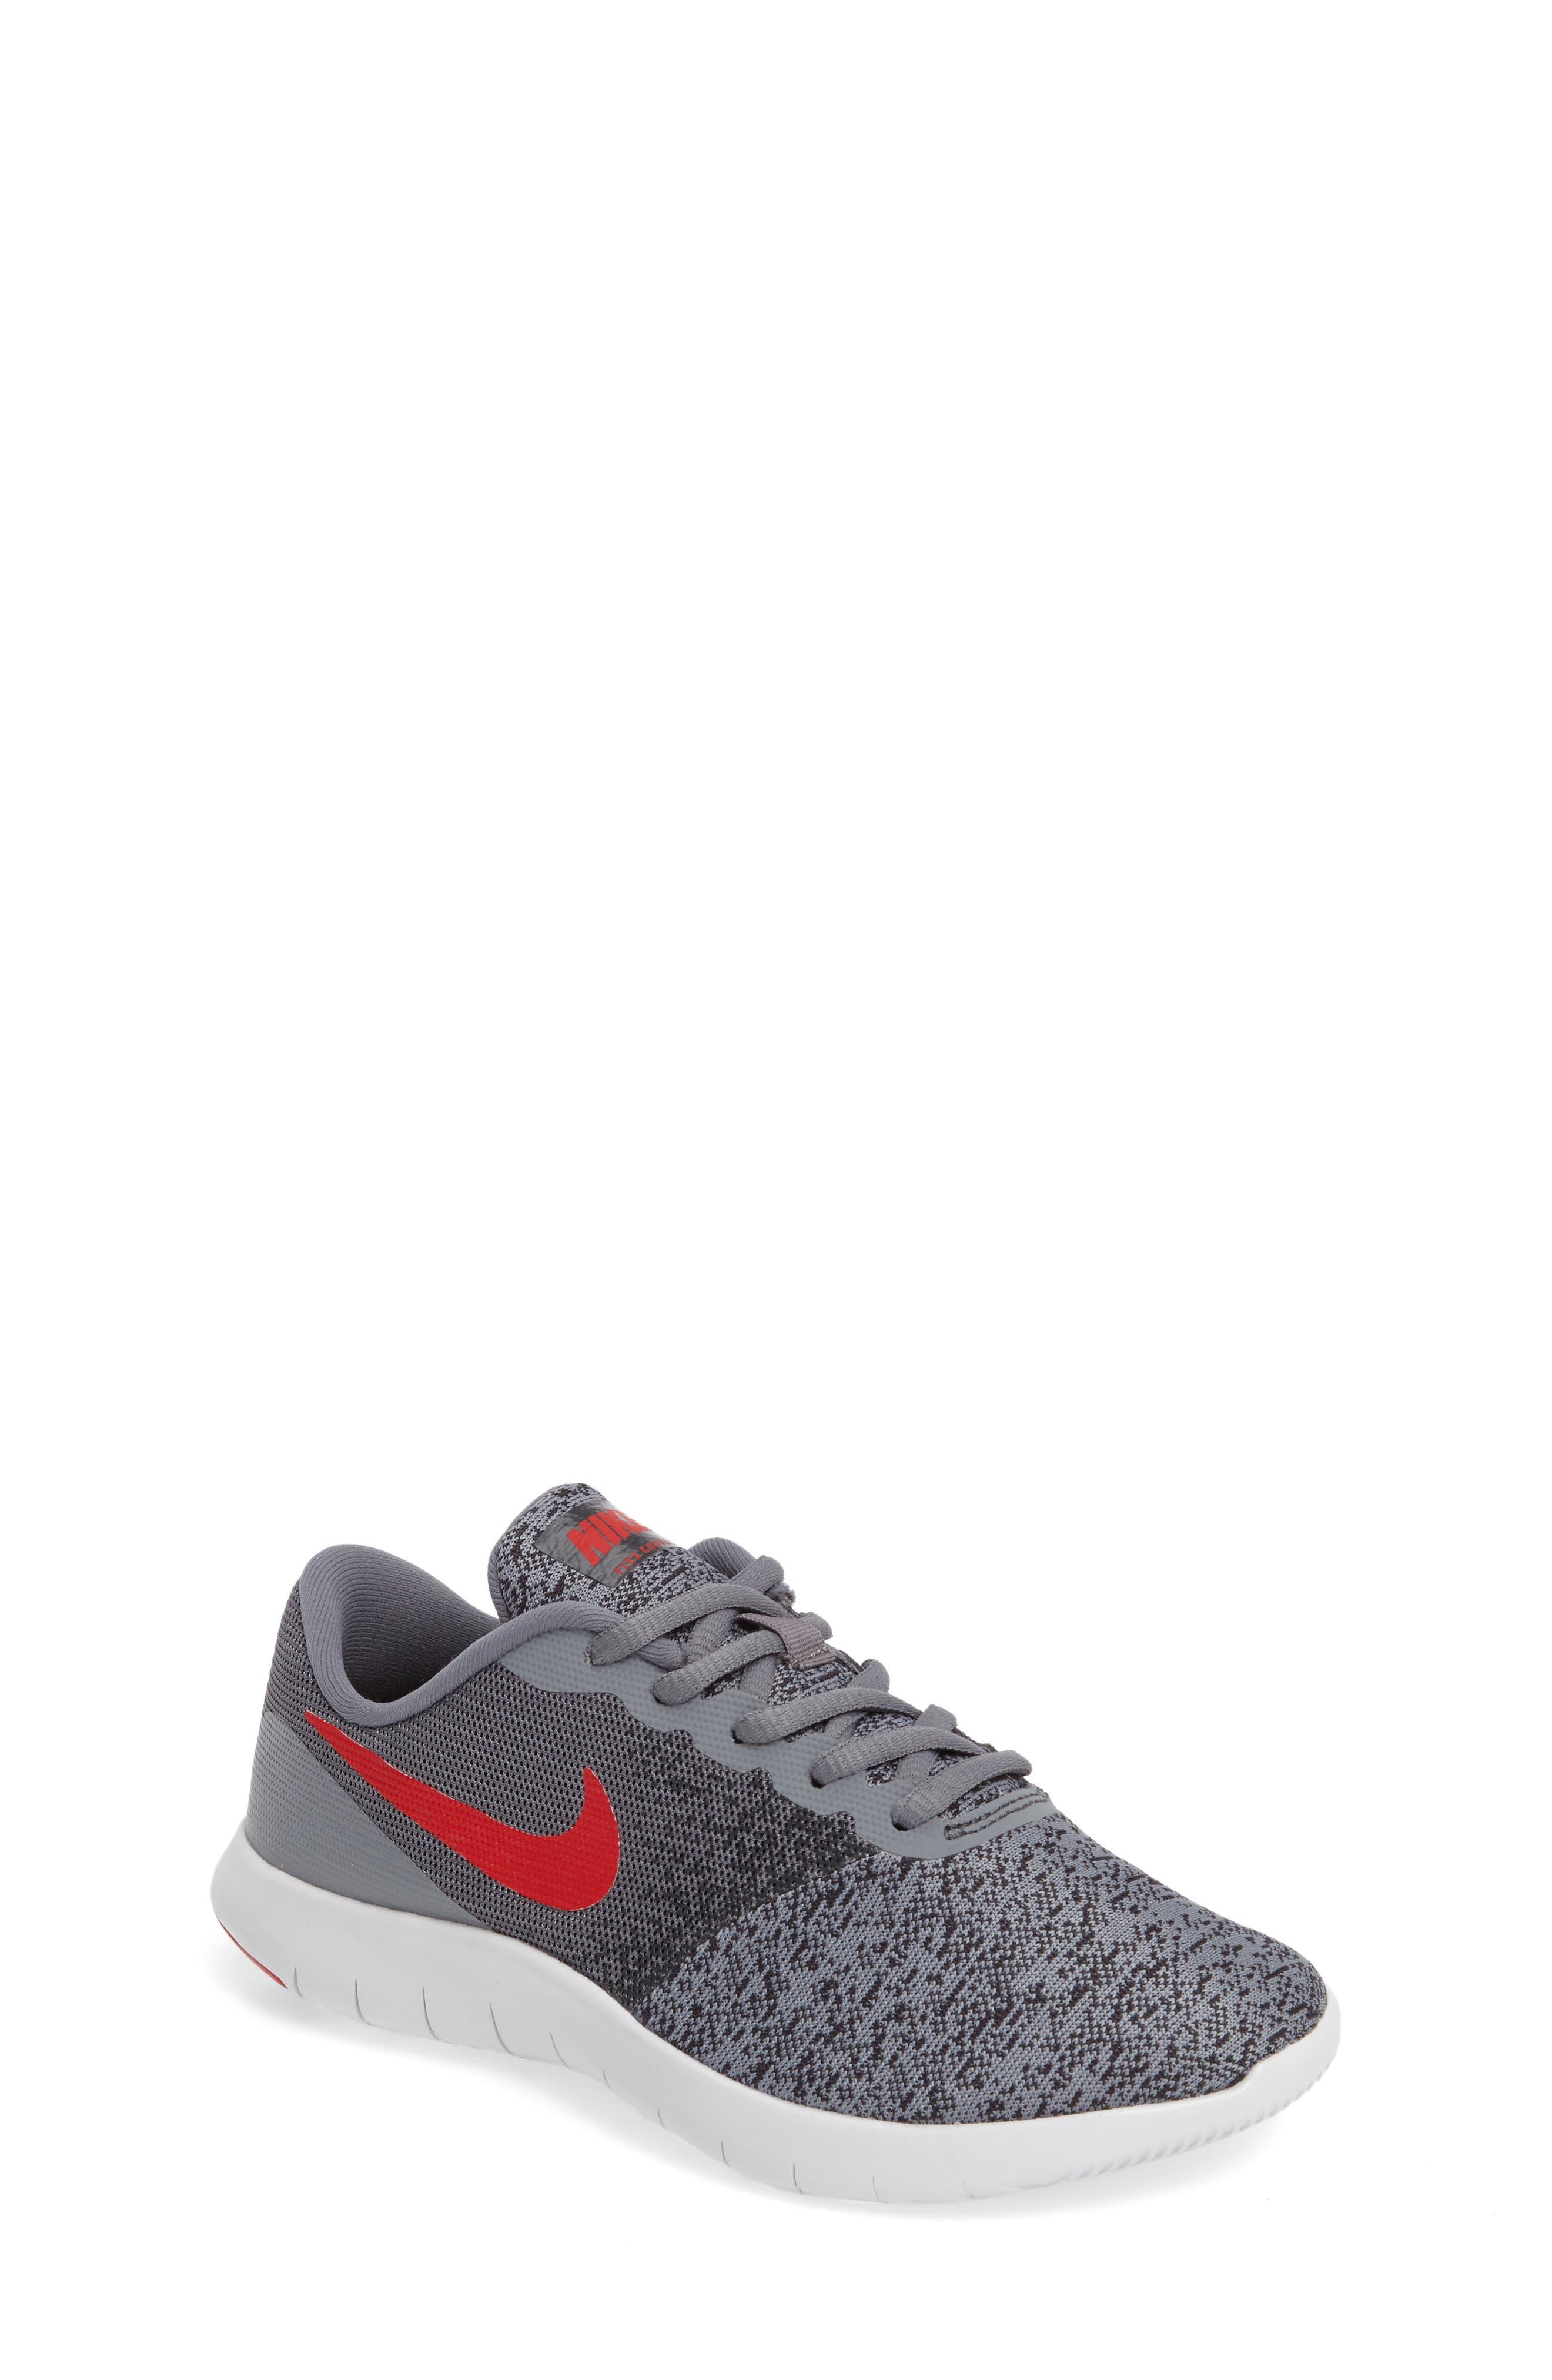 Main Image - Nike Flex Contact Running Shoe (Big Kid) (Regular Retail Price: $65.00)